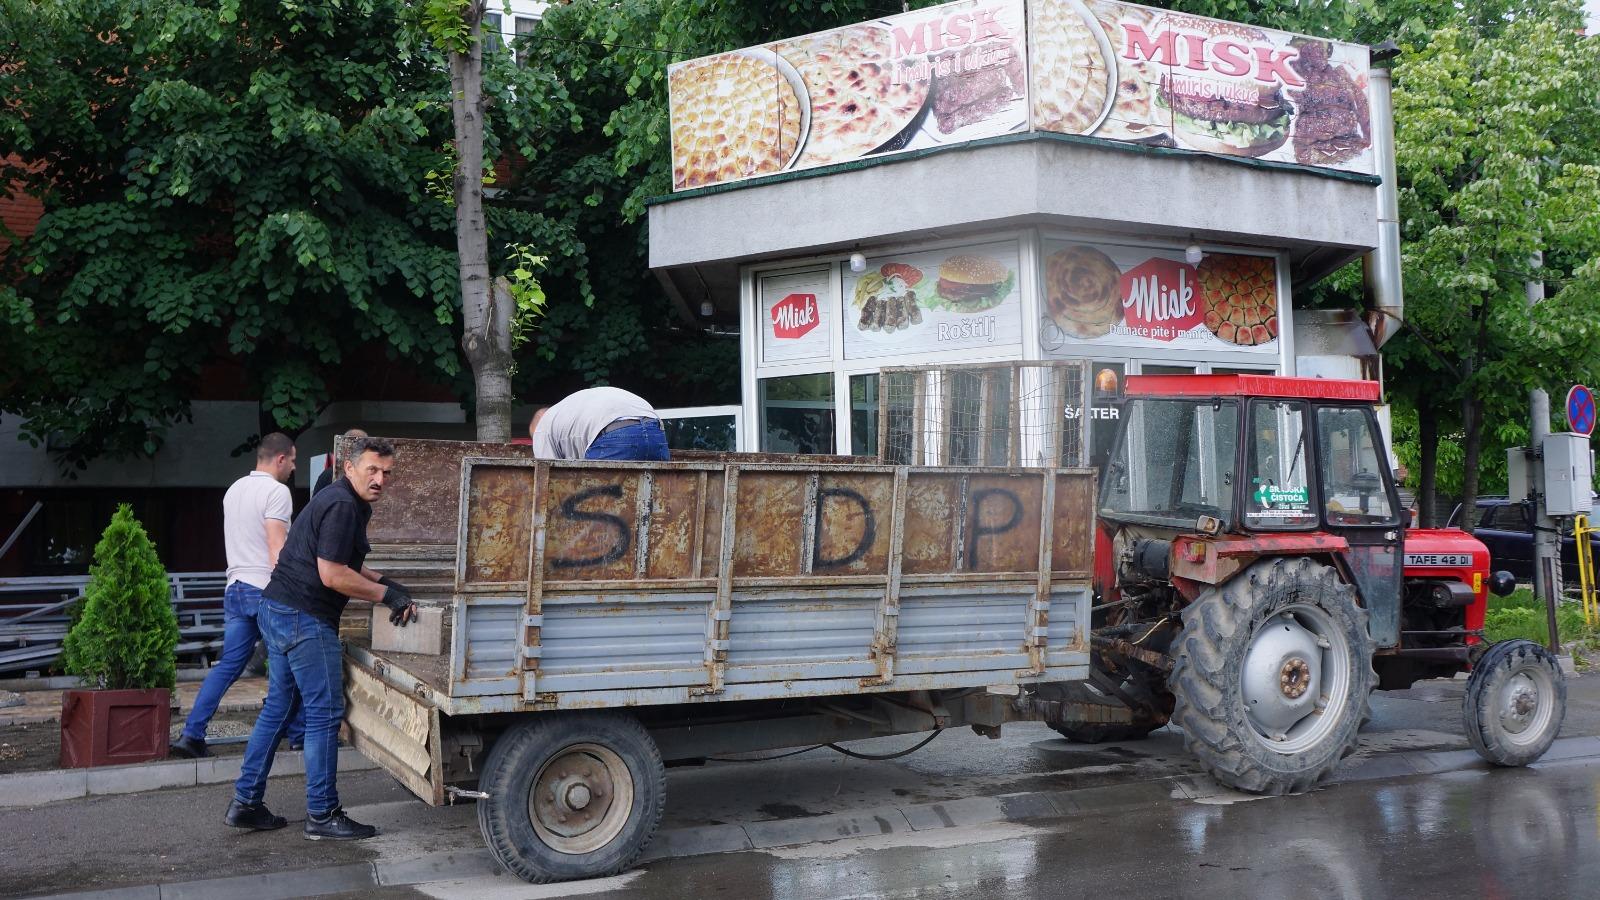 Preduzetniku iz Novog Pazara (ne)zakonito uklonili letnju terasu? (video)